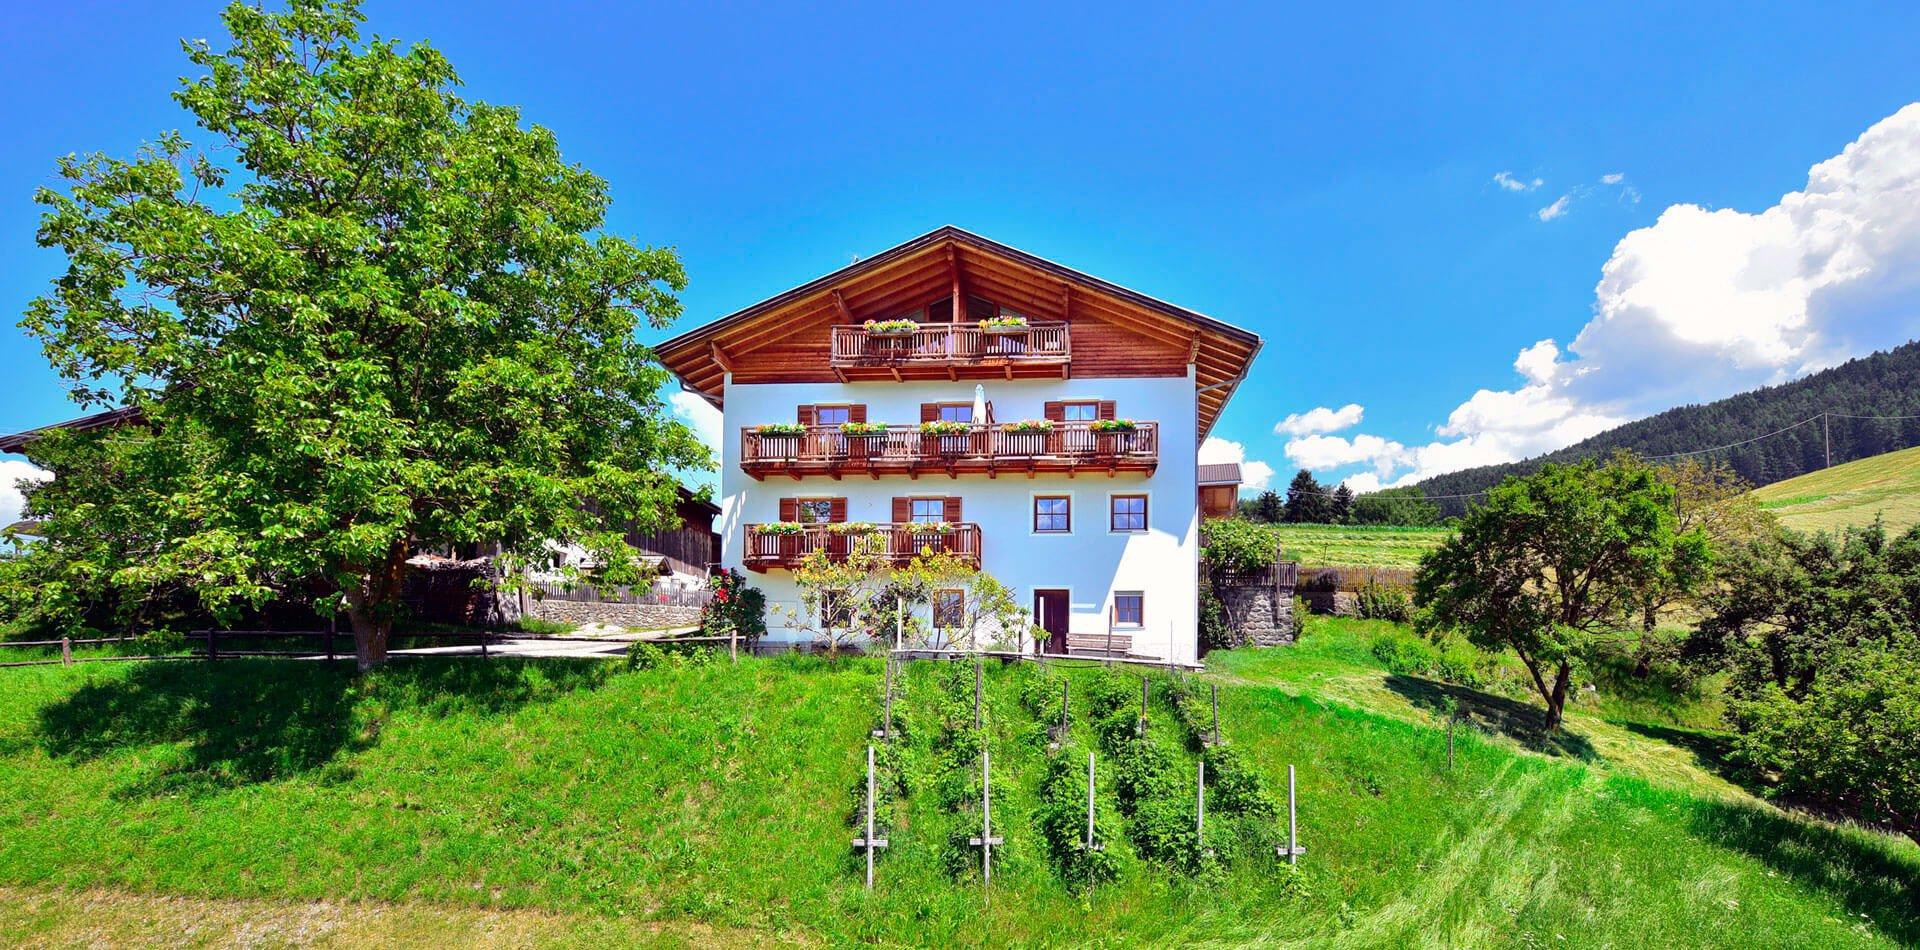 feilerhof-bauernhof-klausen-01